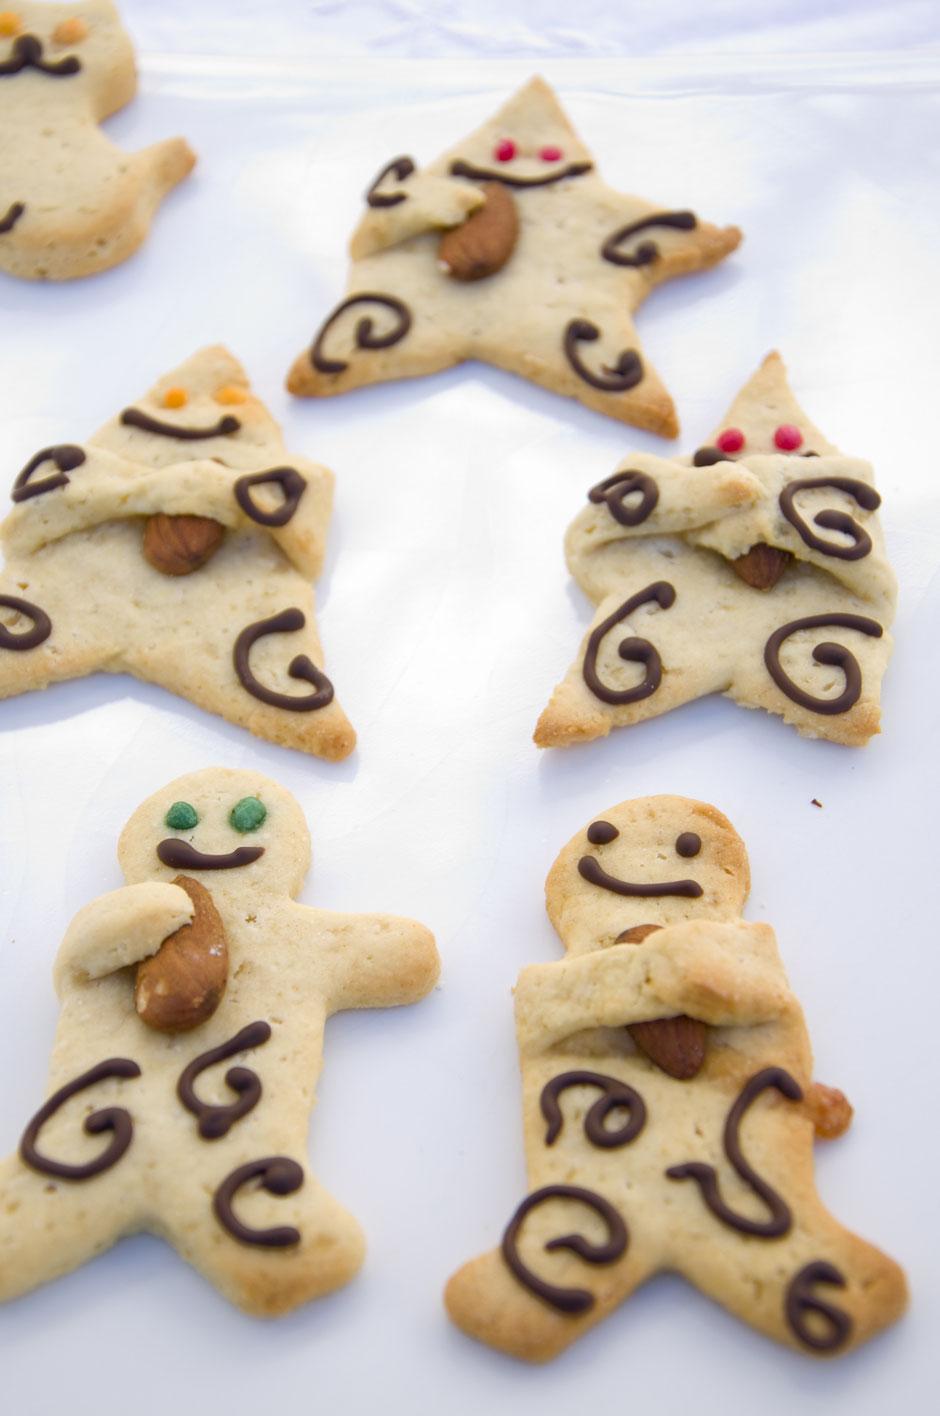 Vegane Lebkuchenmännchen und Sterne mit Mandeln